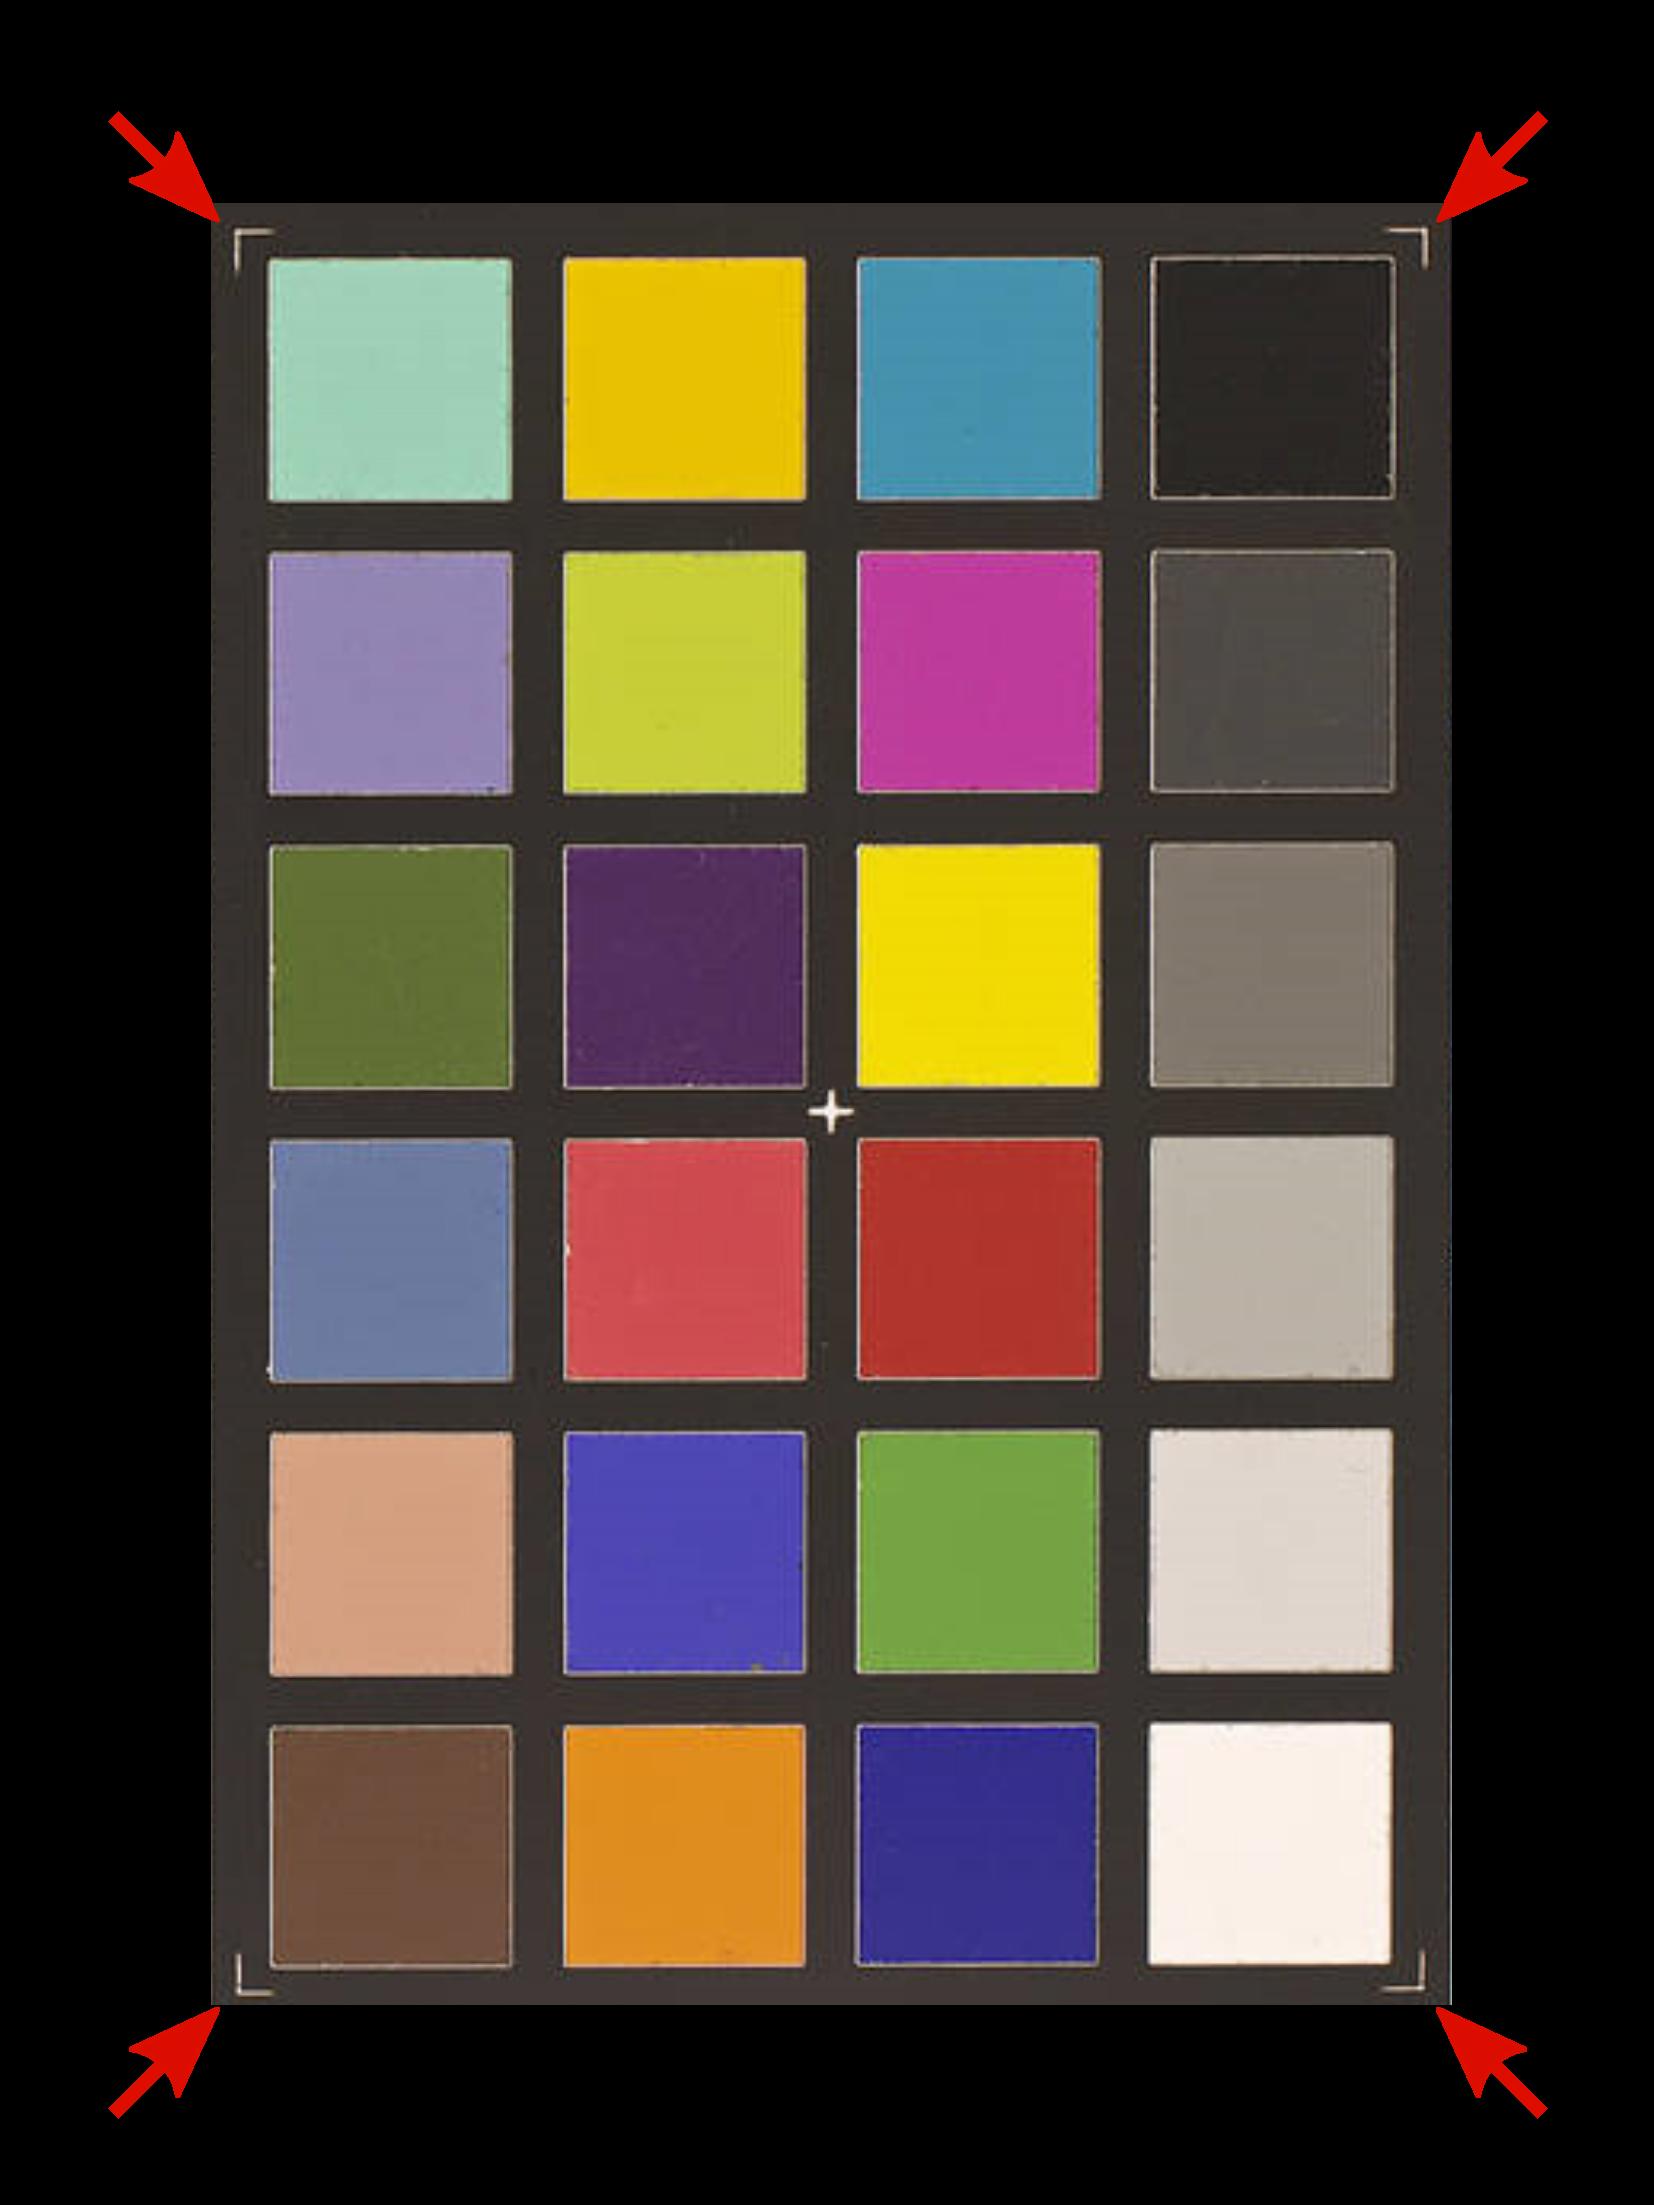 ColorChecker corners